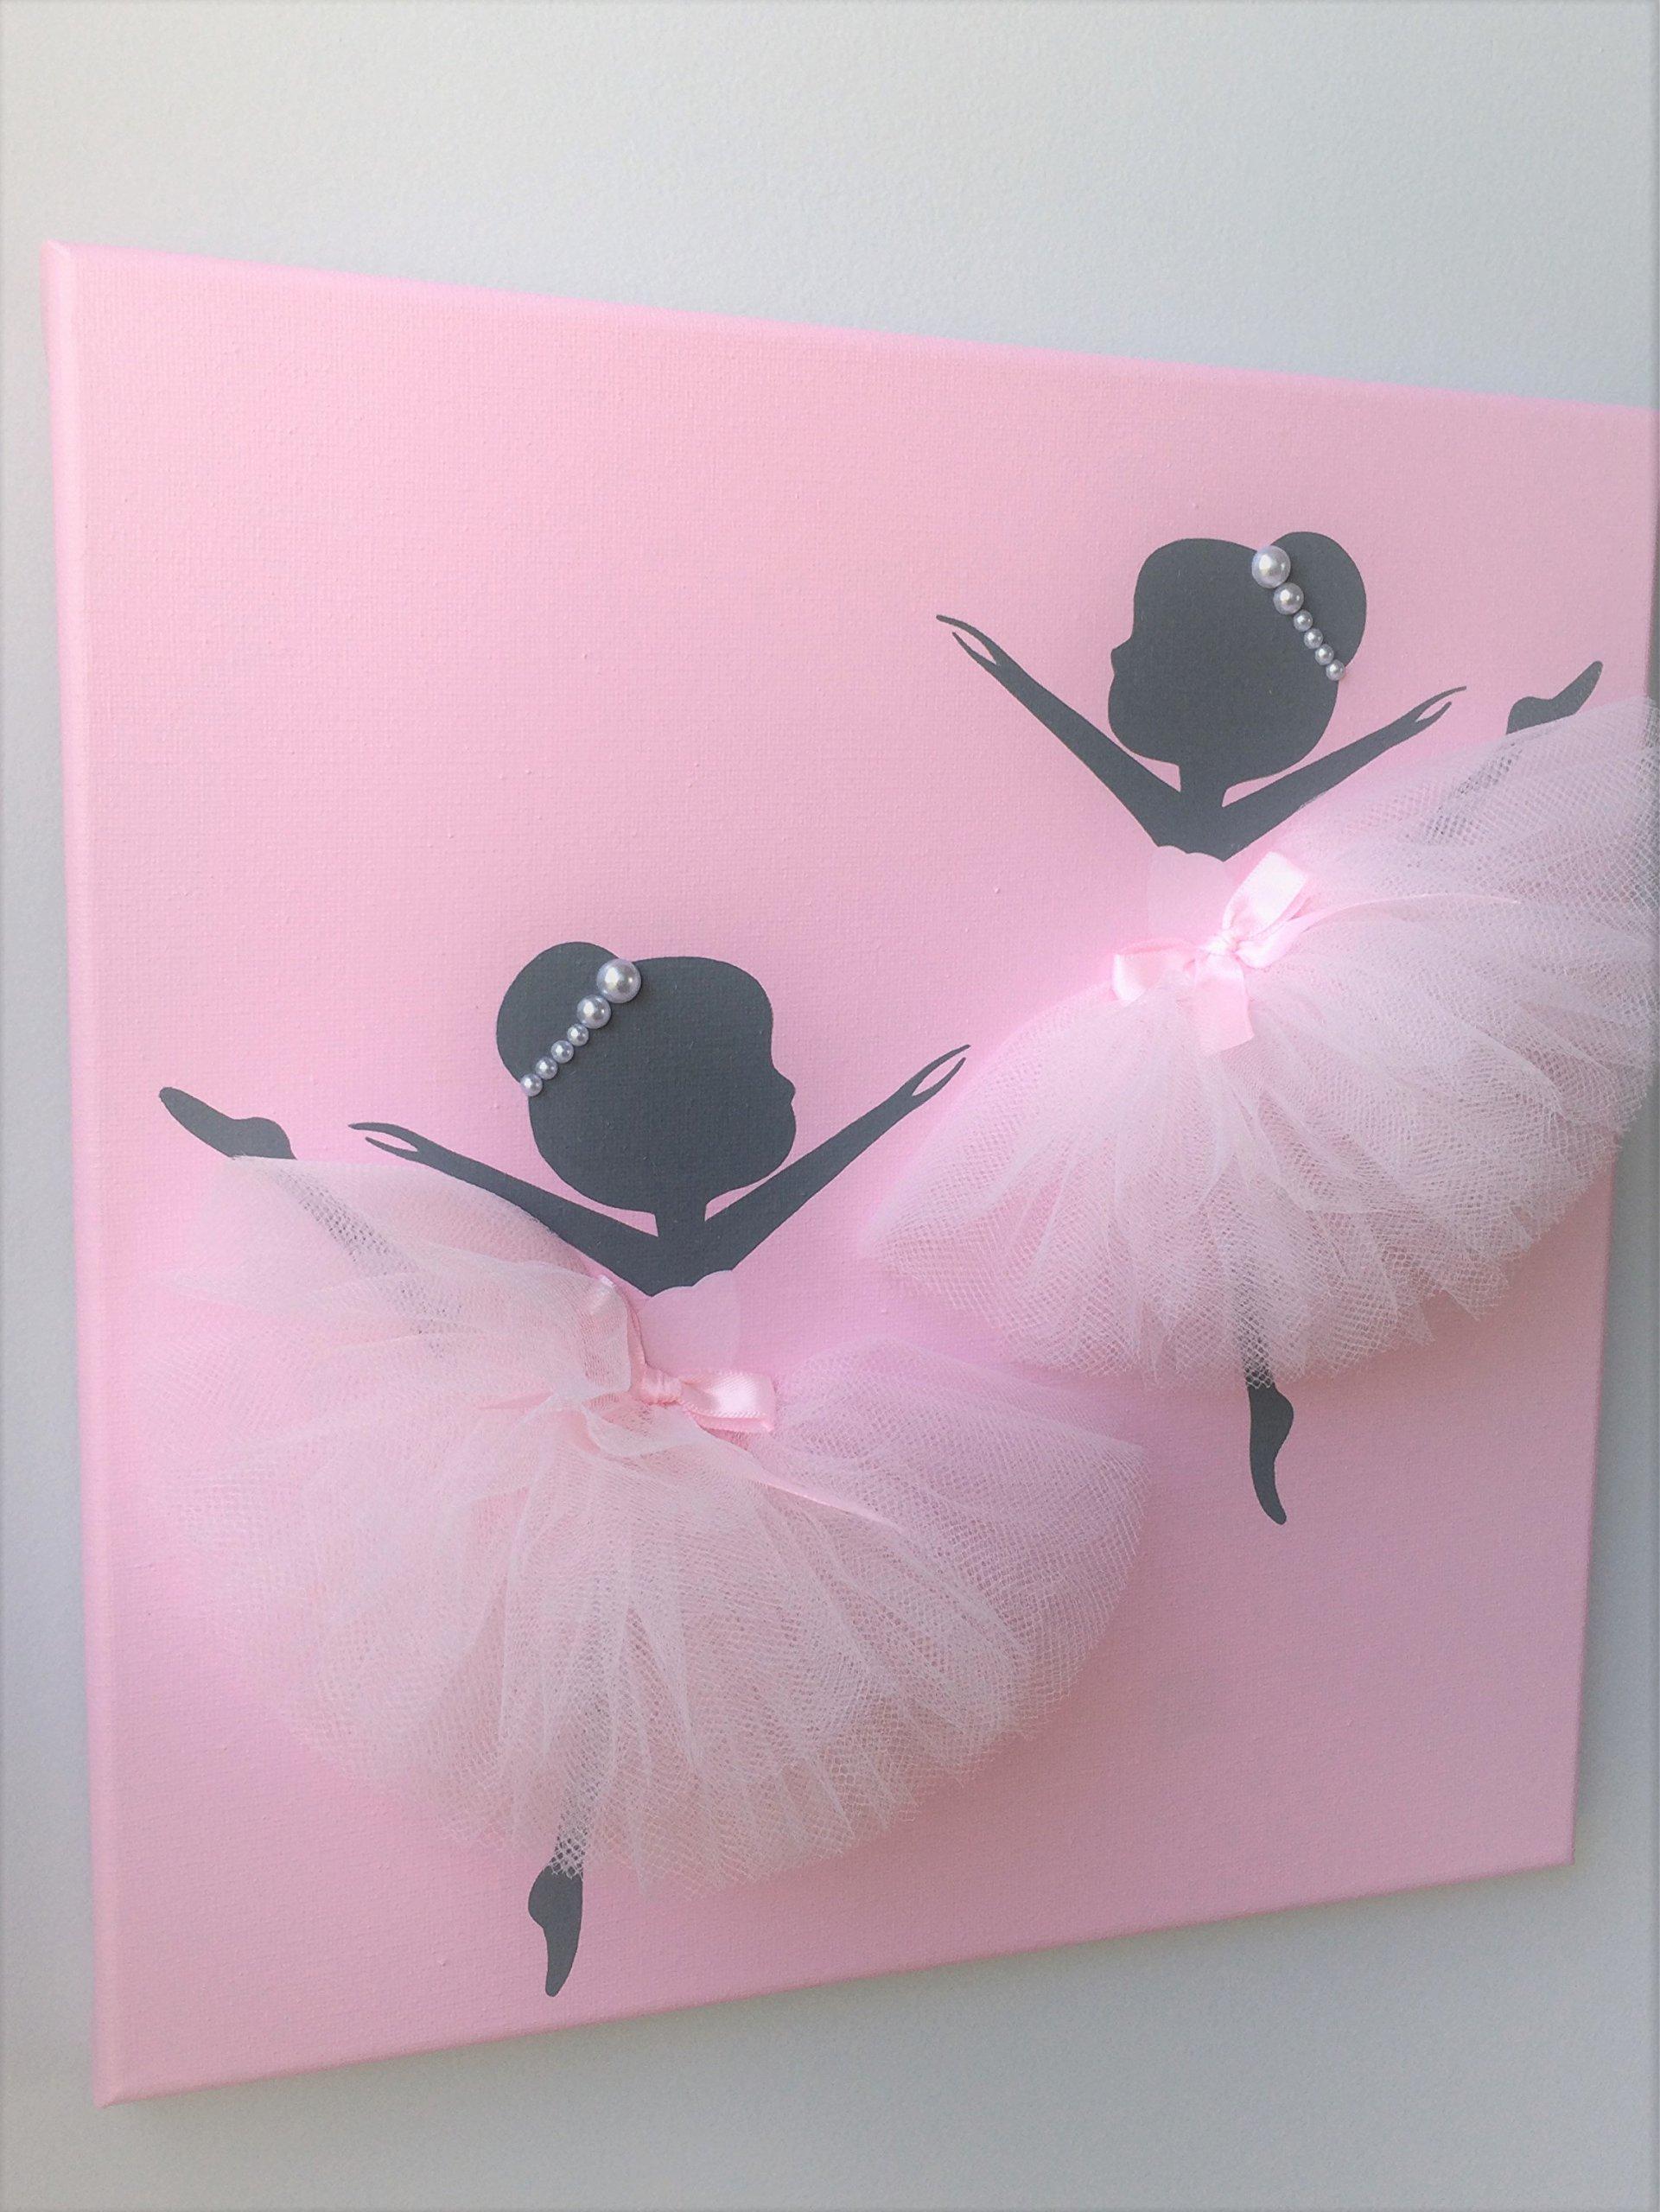 Ballerina painting. Pink ballerina canvas.